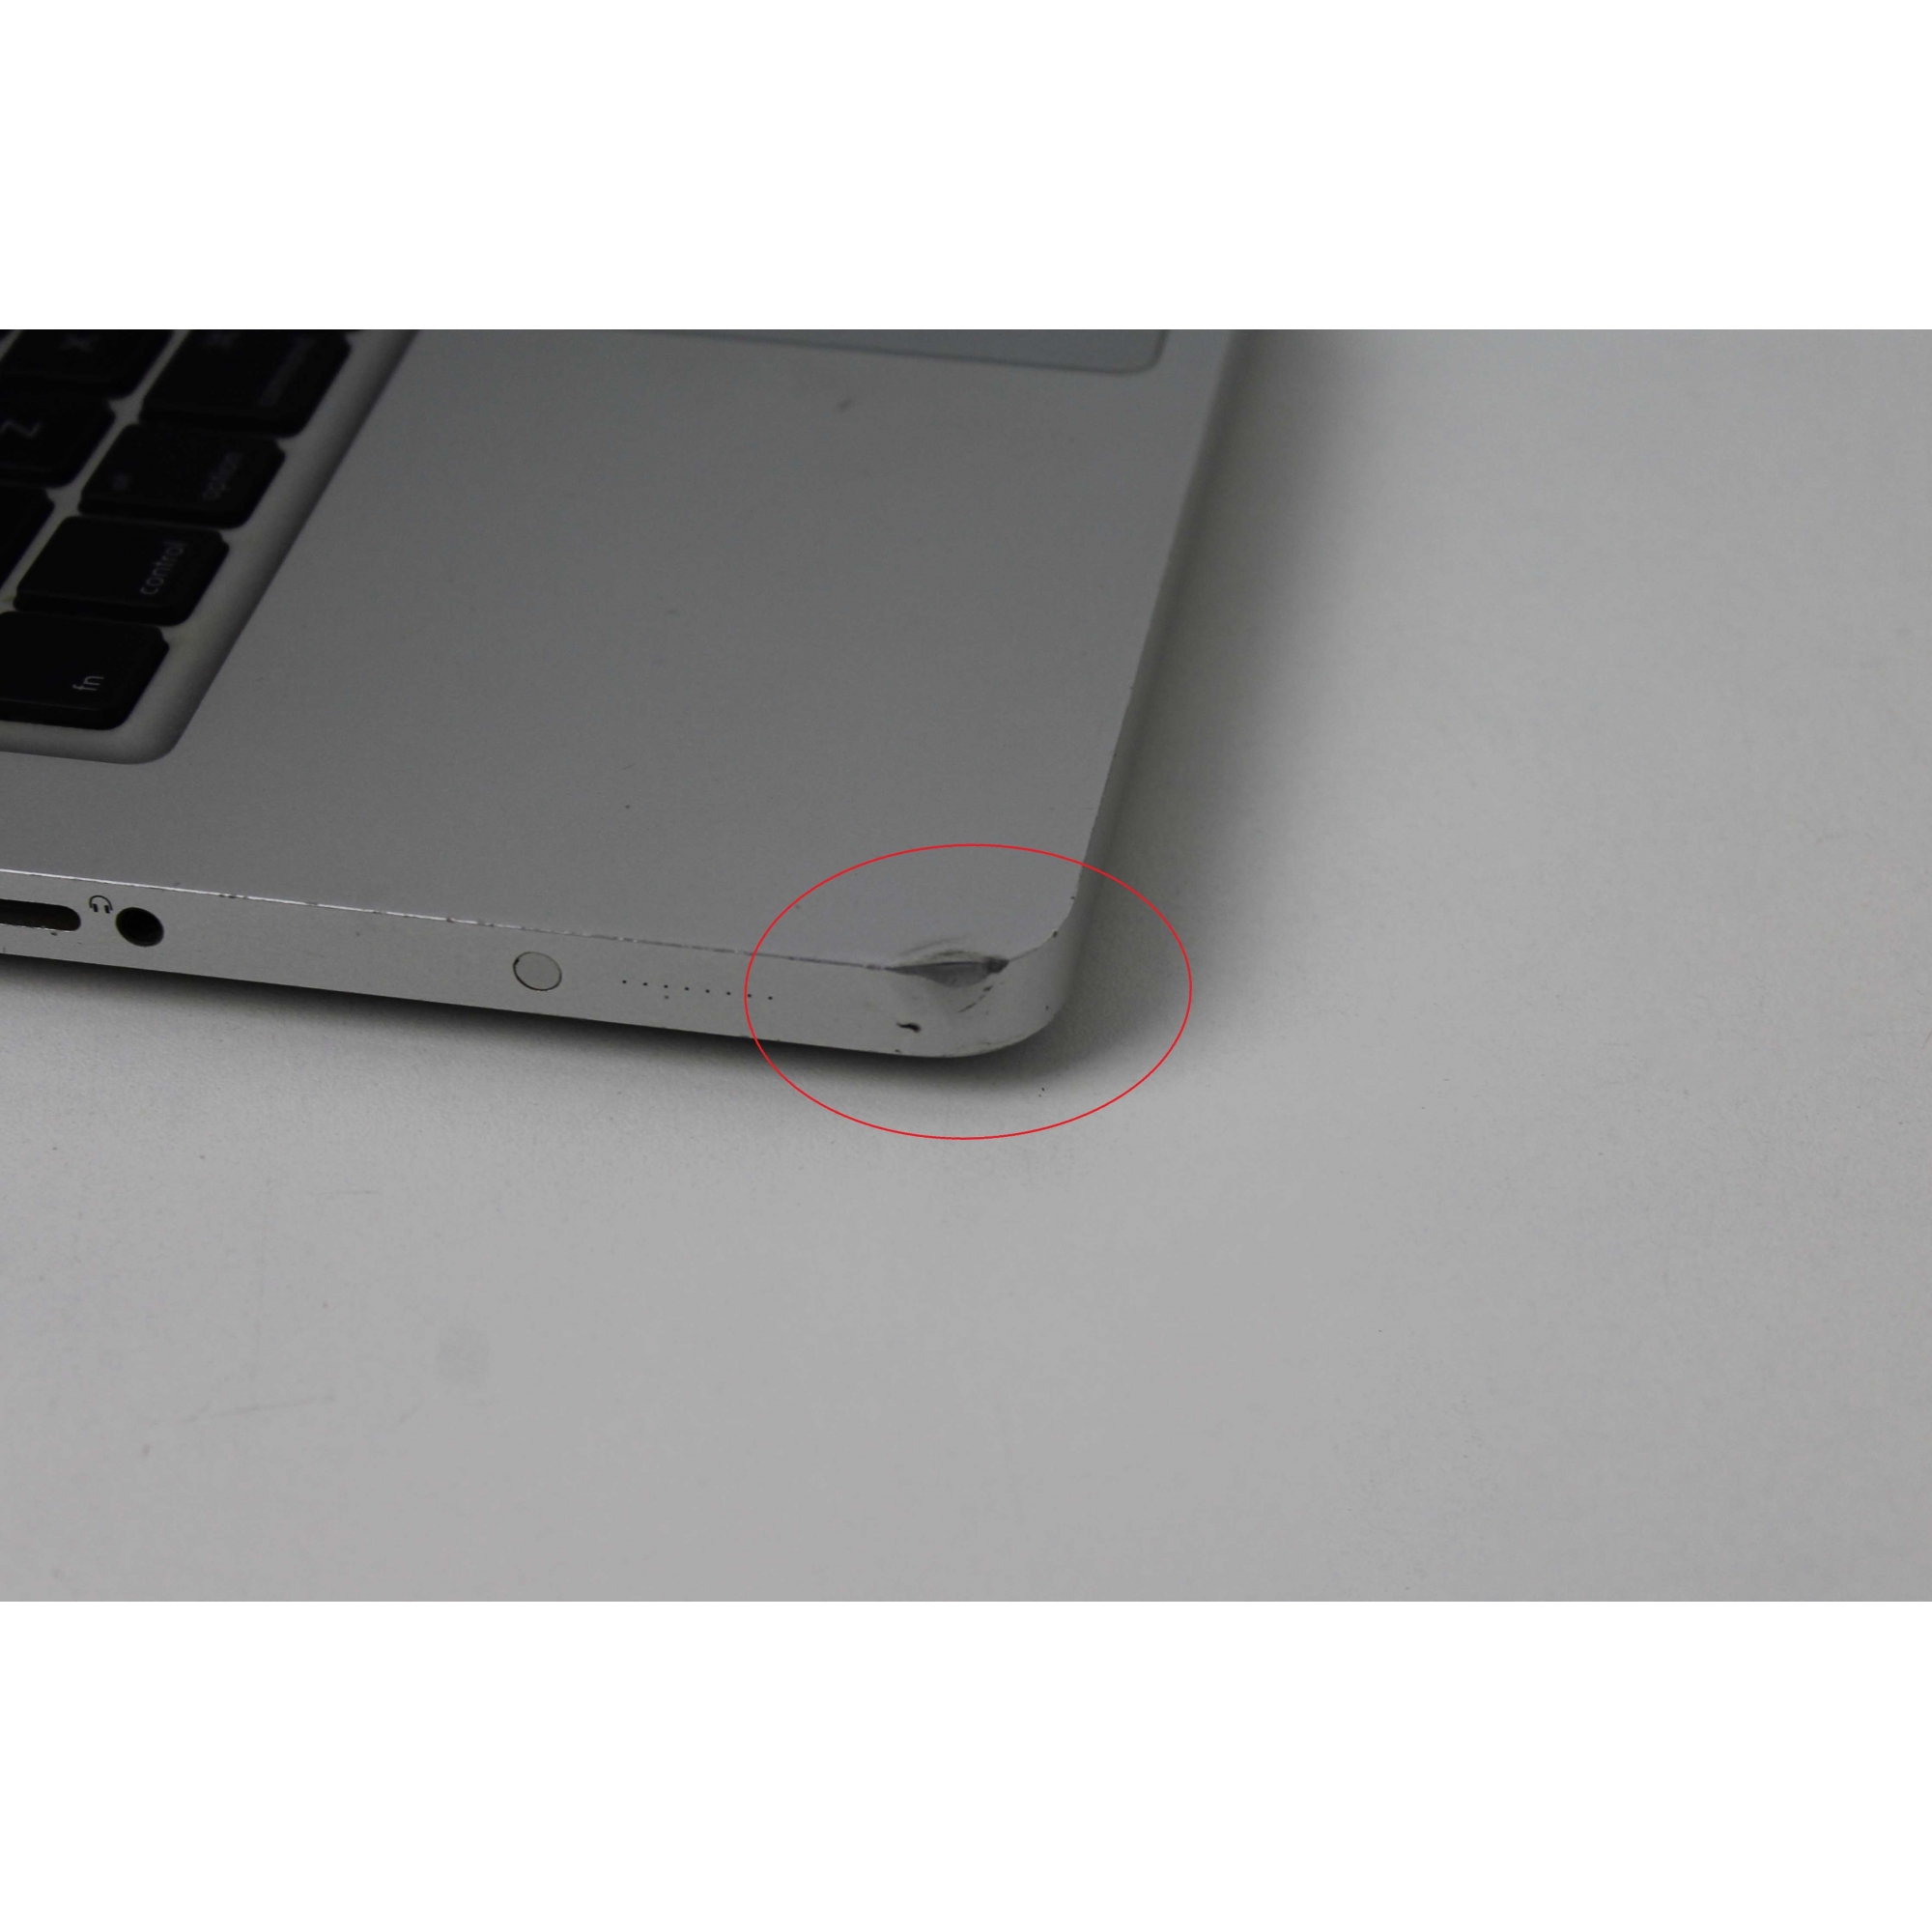 """Macbook Pro MD313LL/A 13.3"""" Intel Core i5 2.4GHz 4GB HD-500GB  - Não enviamos"""